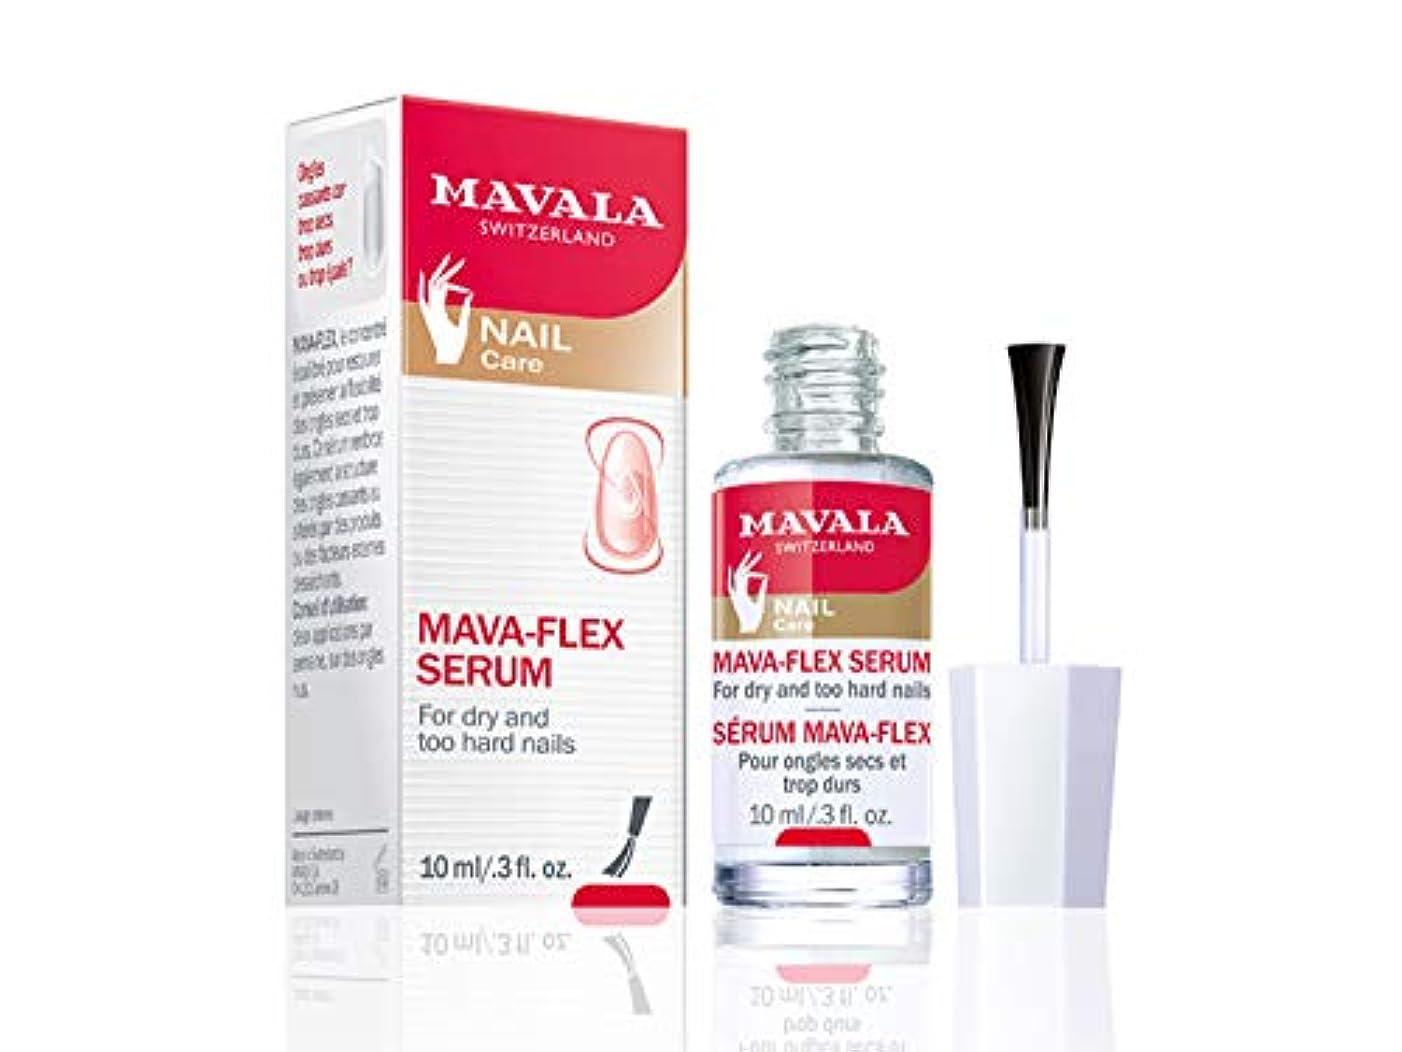 不安素晴らしい良い多くの記念品MAVALA(マヴァラ) マヴァフレックス